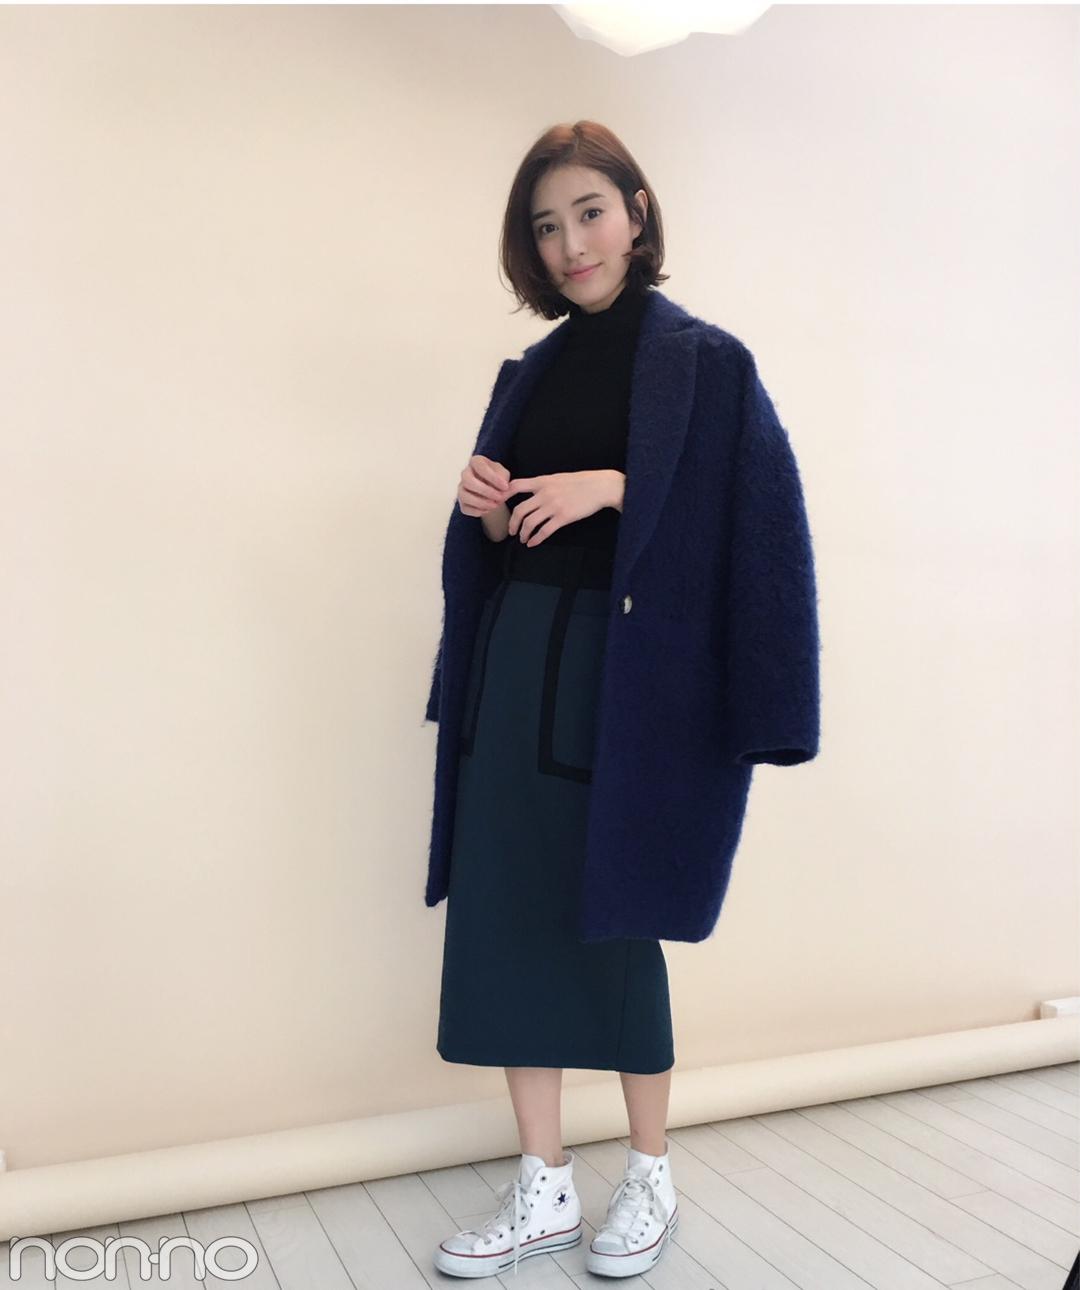 岡本あずさはユニクロのタートル×コンバースで上品カジュアル♡【モデルの私服】_1_1